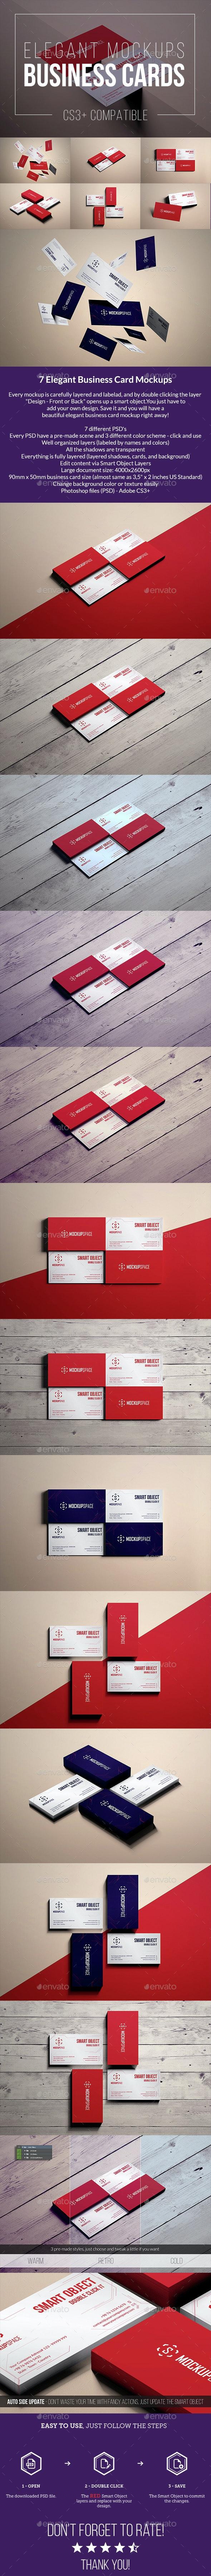 Elegant Business Cards Mock-up - Business Cards Print